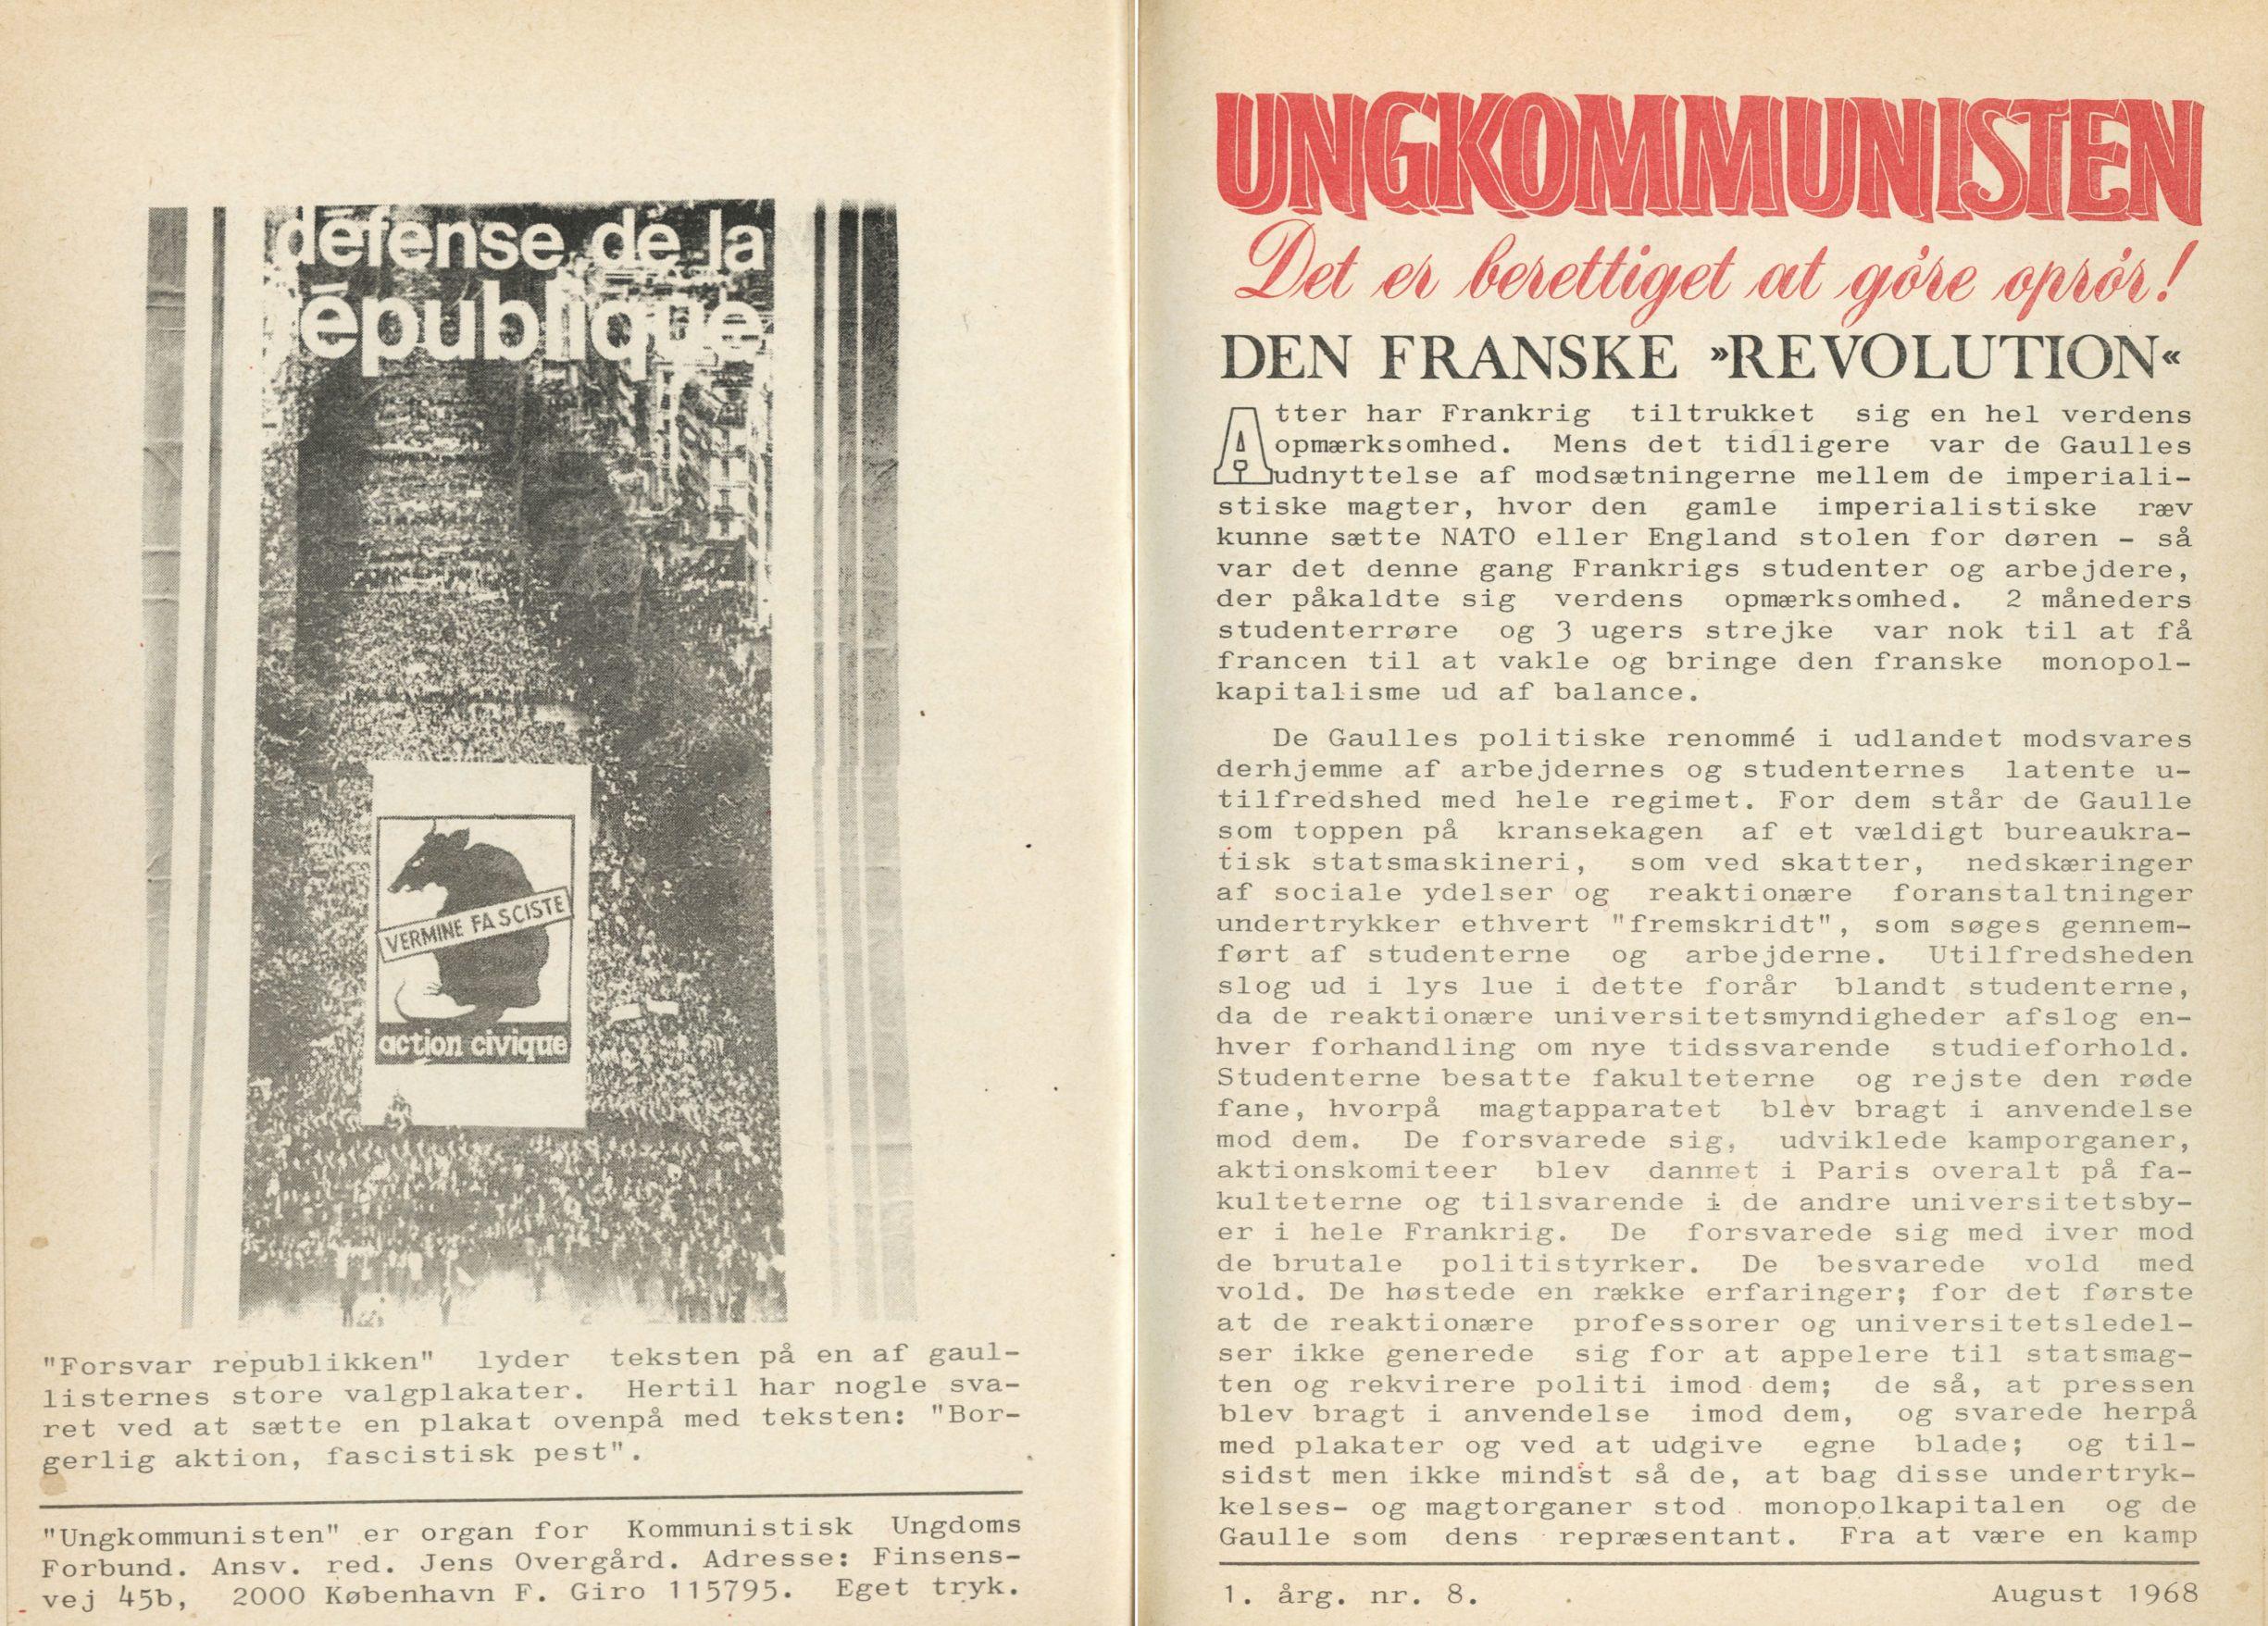 Ungkommunisten1968 nr. 8 For- og Bagside.